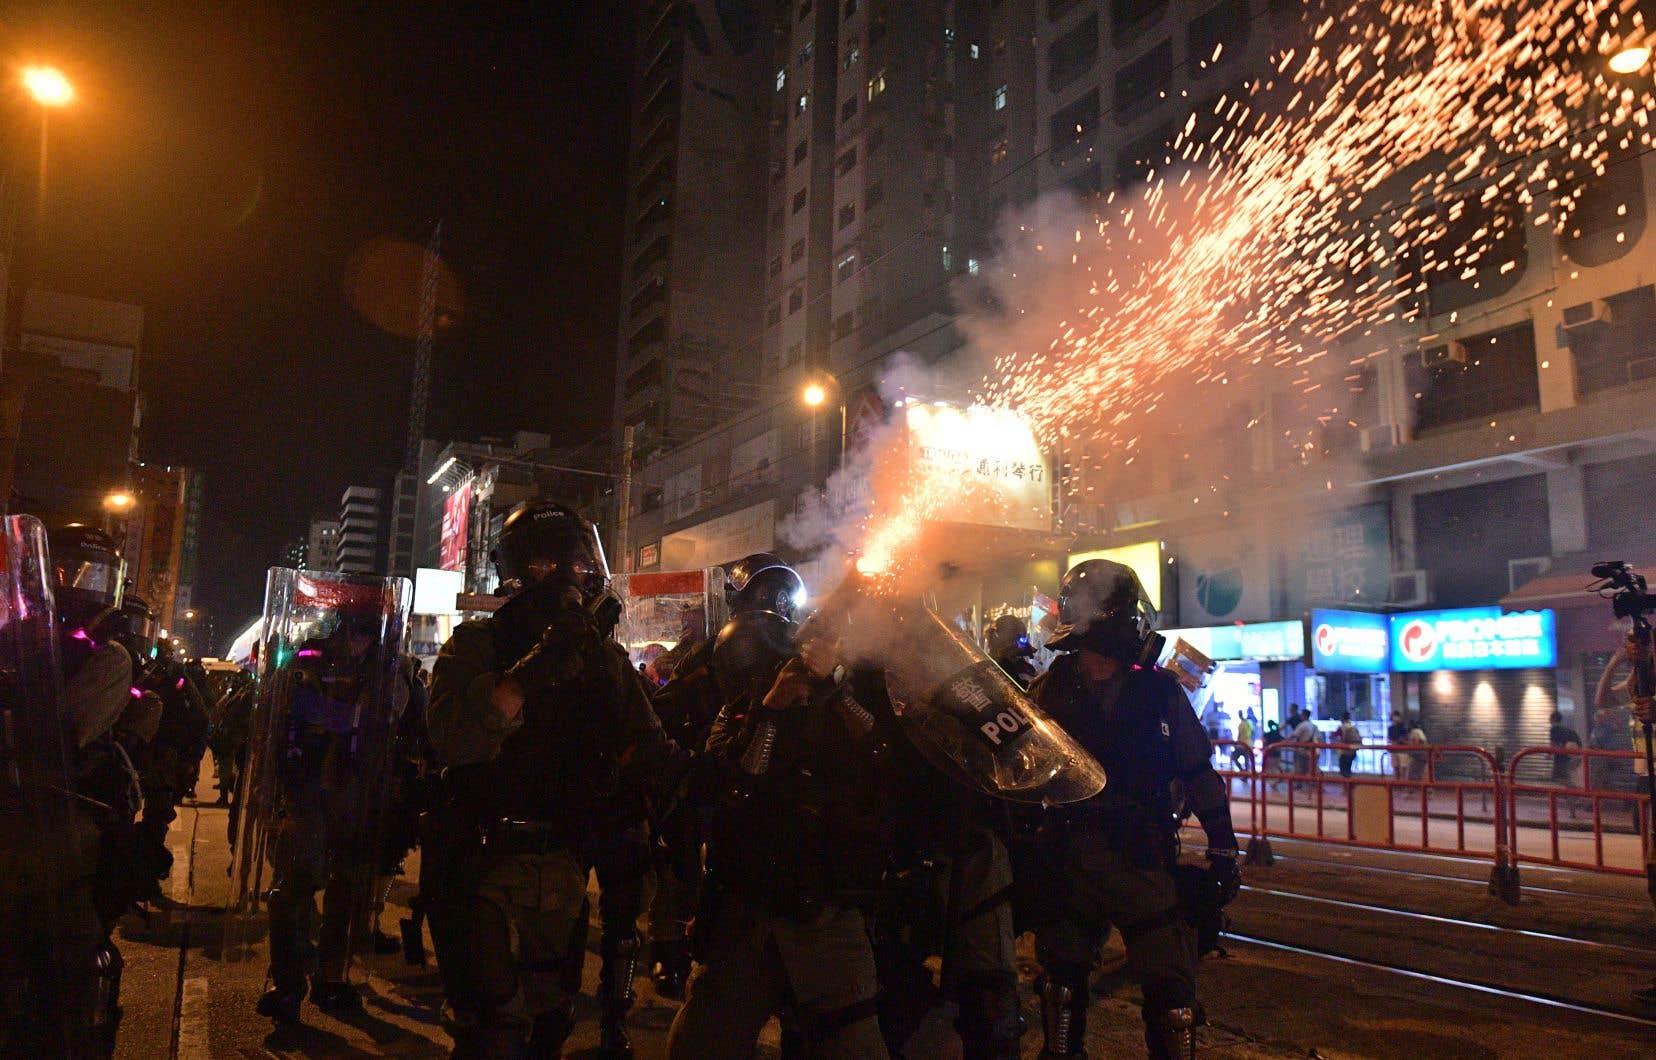 Samedi en début de soirée, des militants continuaient cependant à jouer avec les policiers au jeu du chat et de la souris dans les rues.